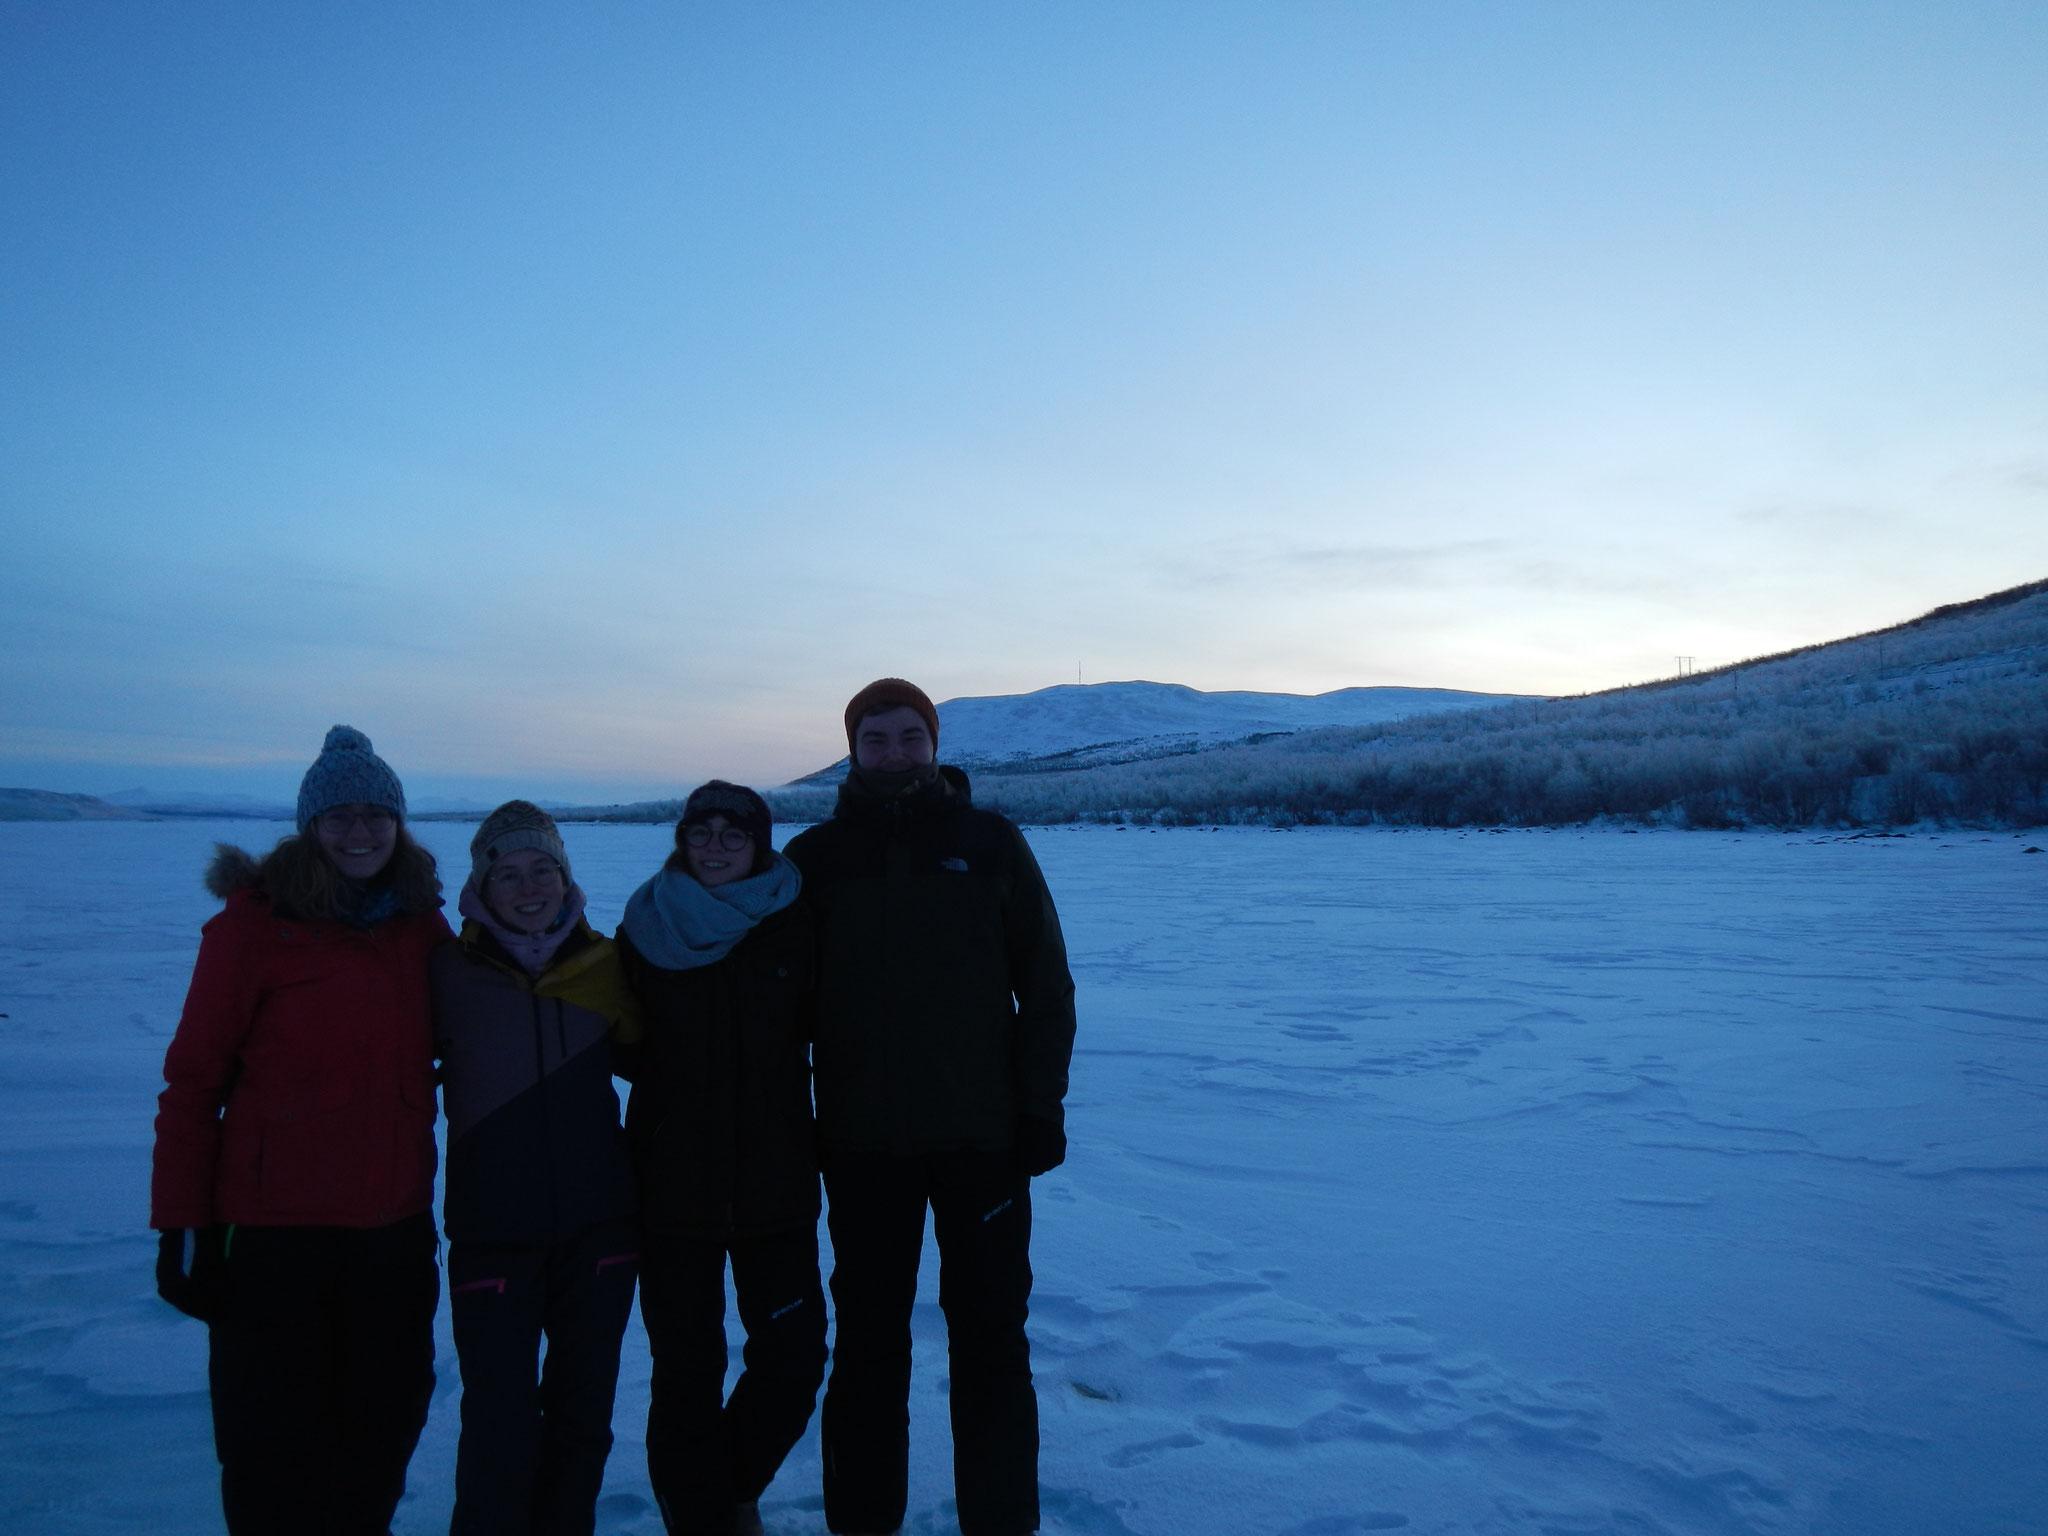 Sonja, Hannah, Clarita und Konrad in der schneebedeckten Landschaft